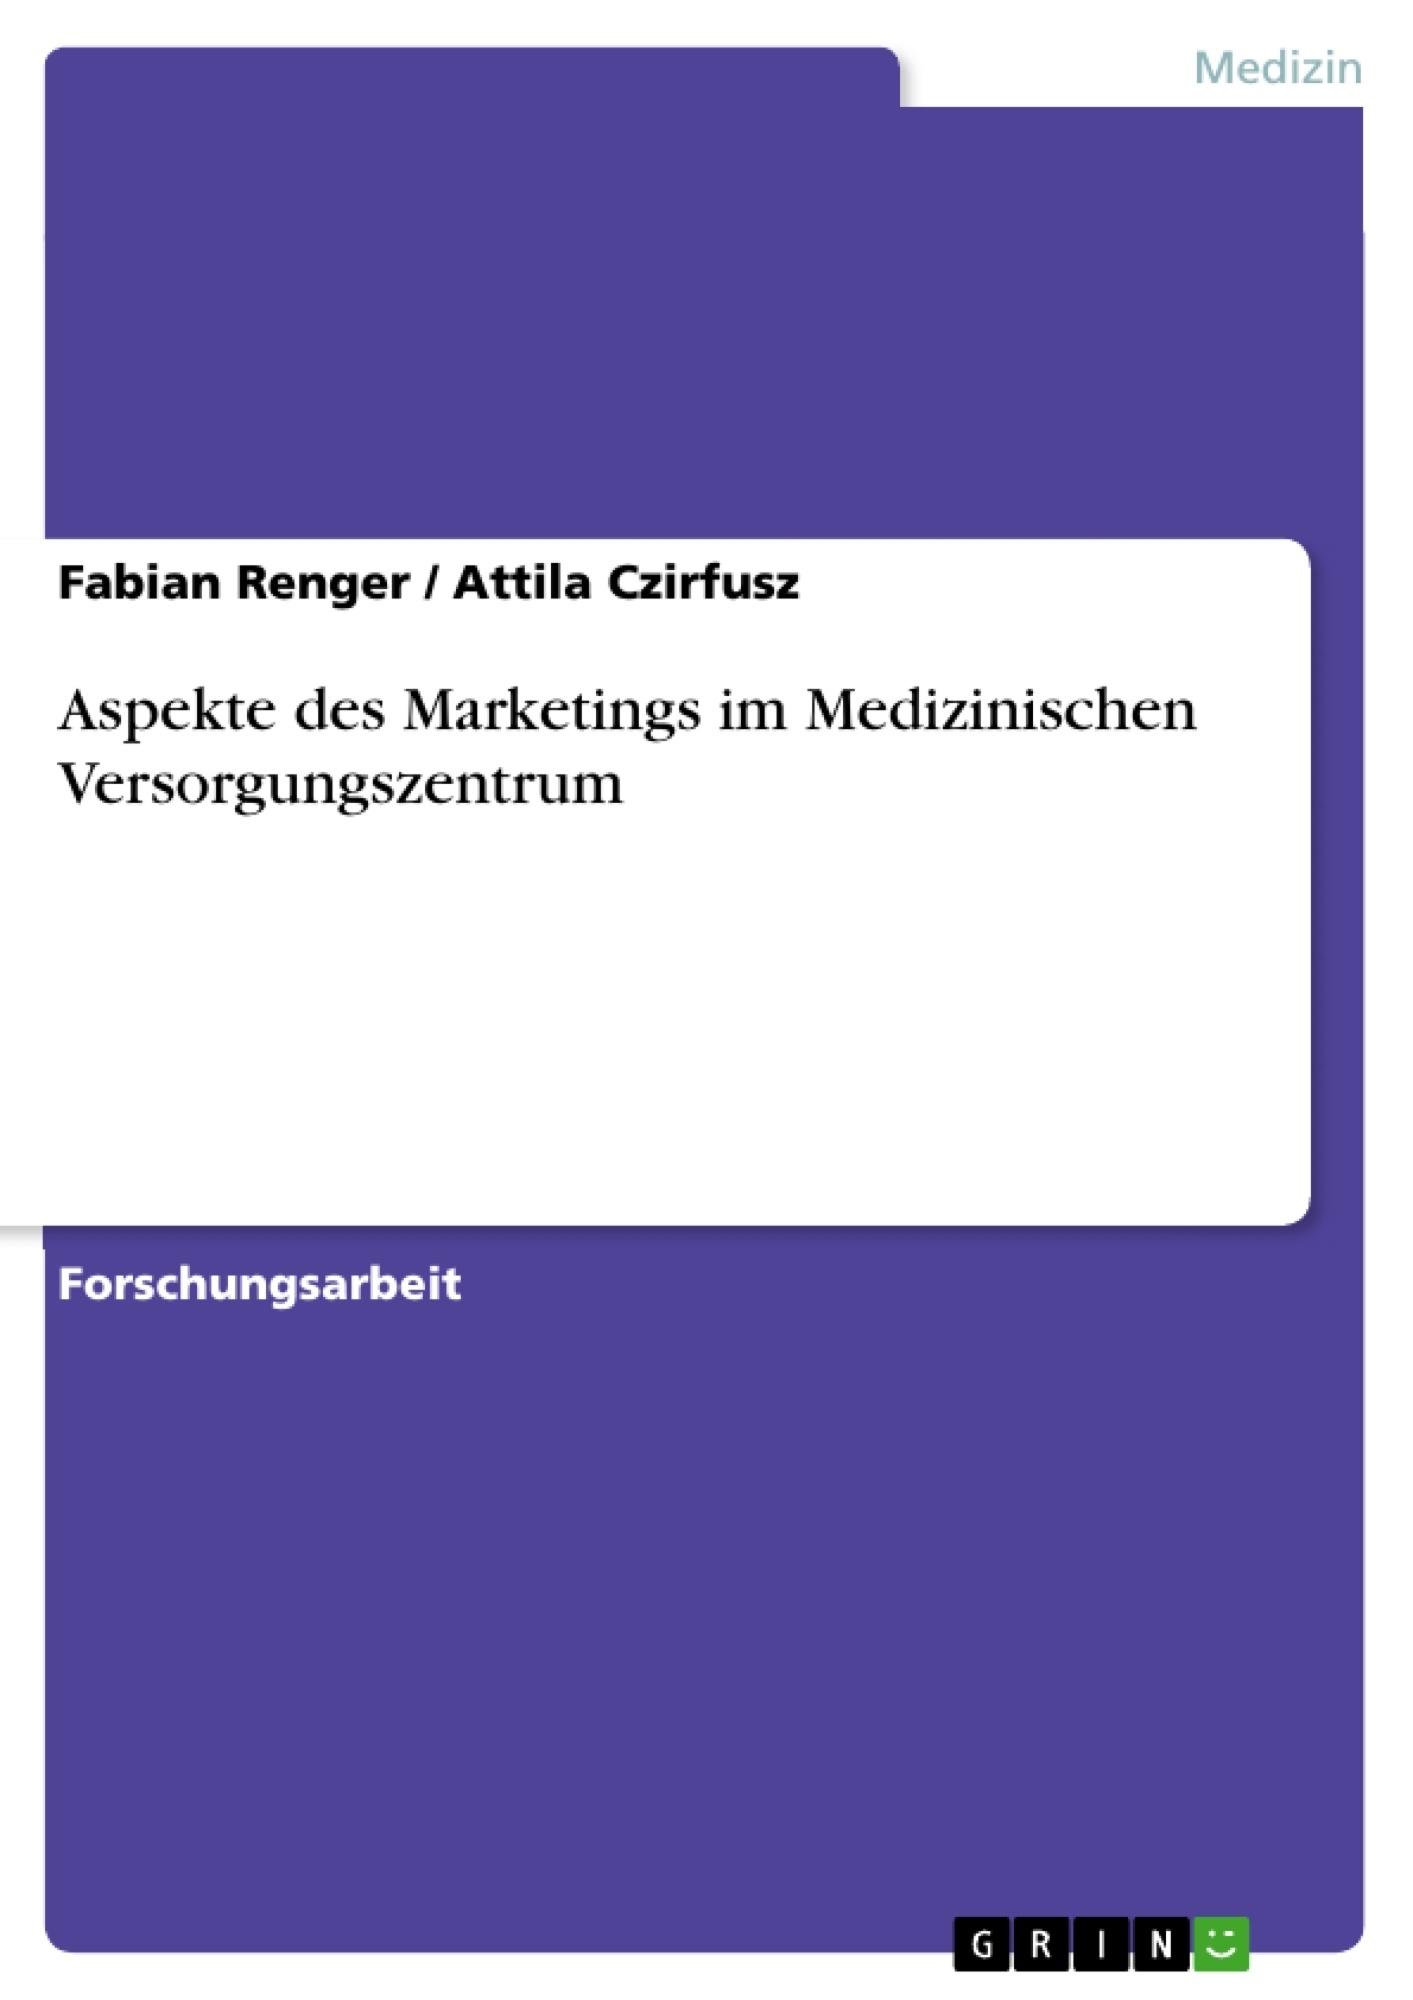 Titel: Aspekte des Marketings im Medizinischen Versorgungszentrum